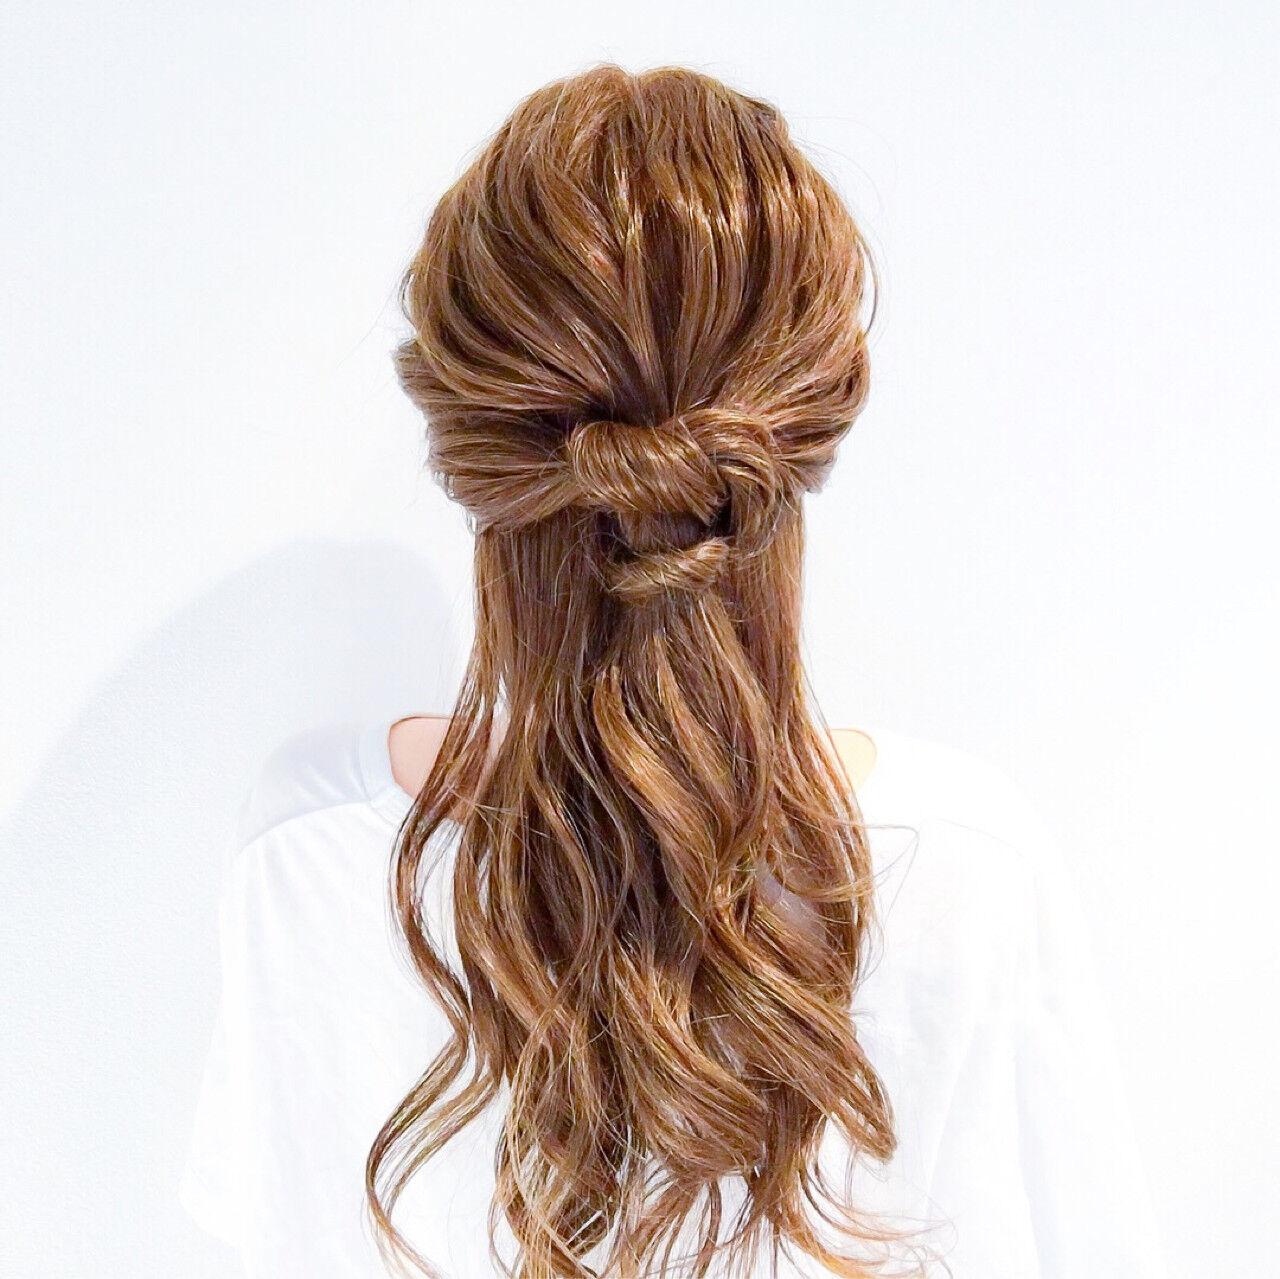 フェミニン ヘアアレンジ ショート オフィスヘアスタイルや髪型の写真・画像